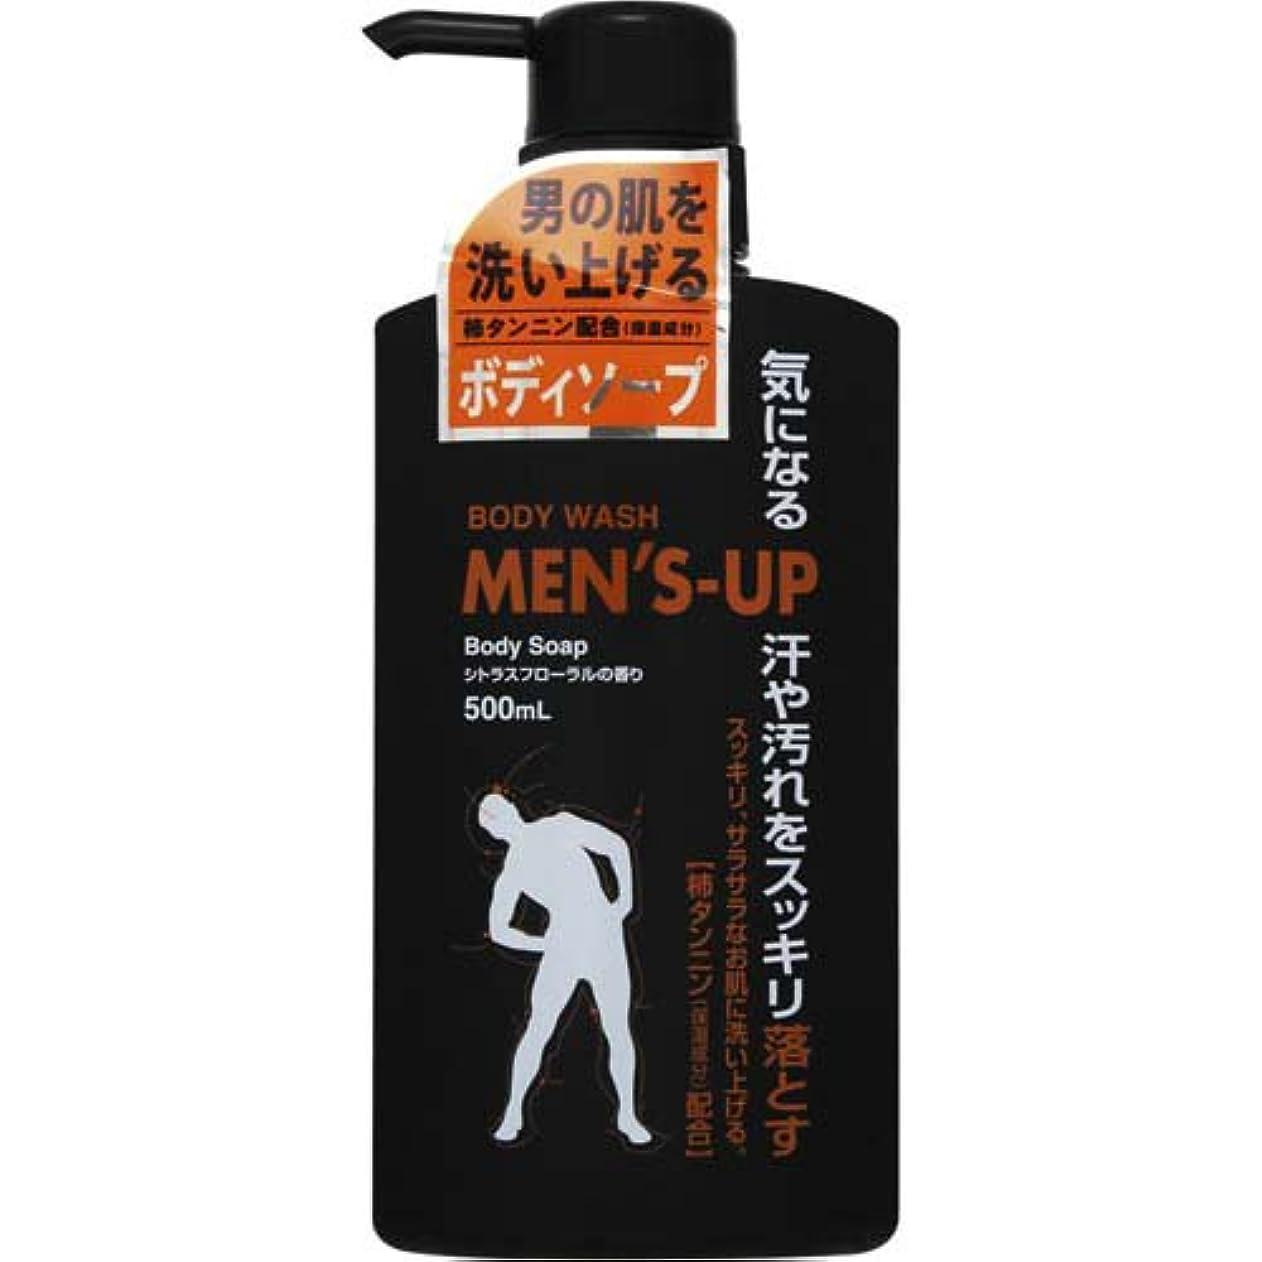 反論者ソファー慈悲MEN'S-UP(メンズアップ) ボディーソープ 本体 500ml